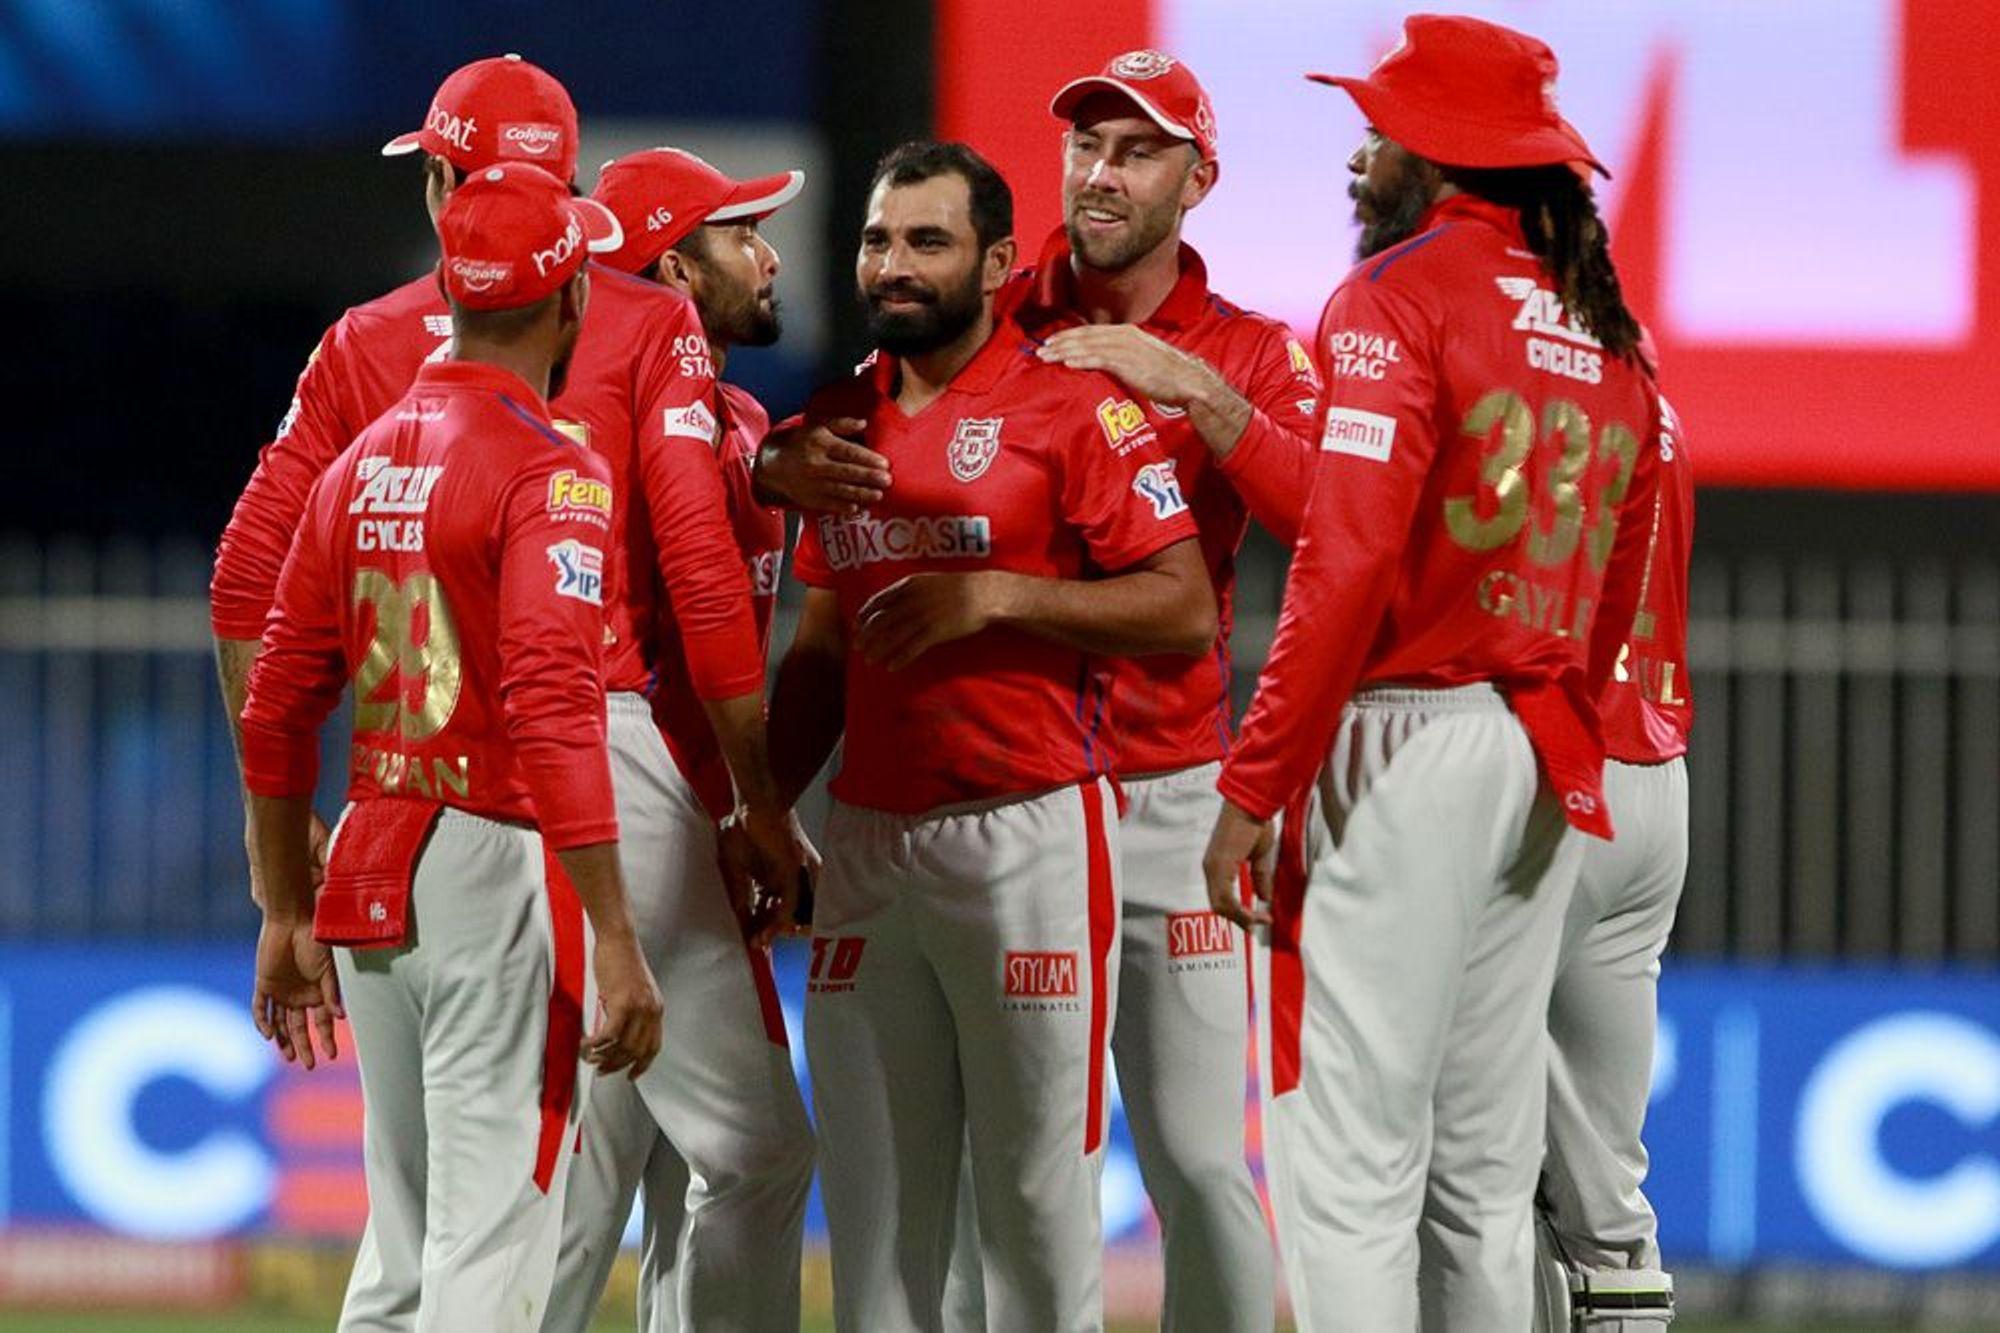 KKRvsKXIP: केएल राहुल ने क्रिस गेल नहीं बल्कि इस खिलाड़ी को दिया कोलकाता के खिलाफ जीत का श्रेय 4